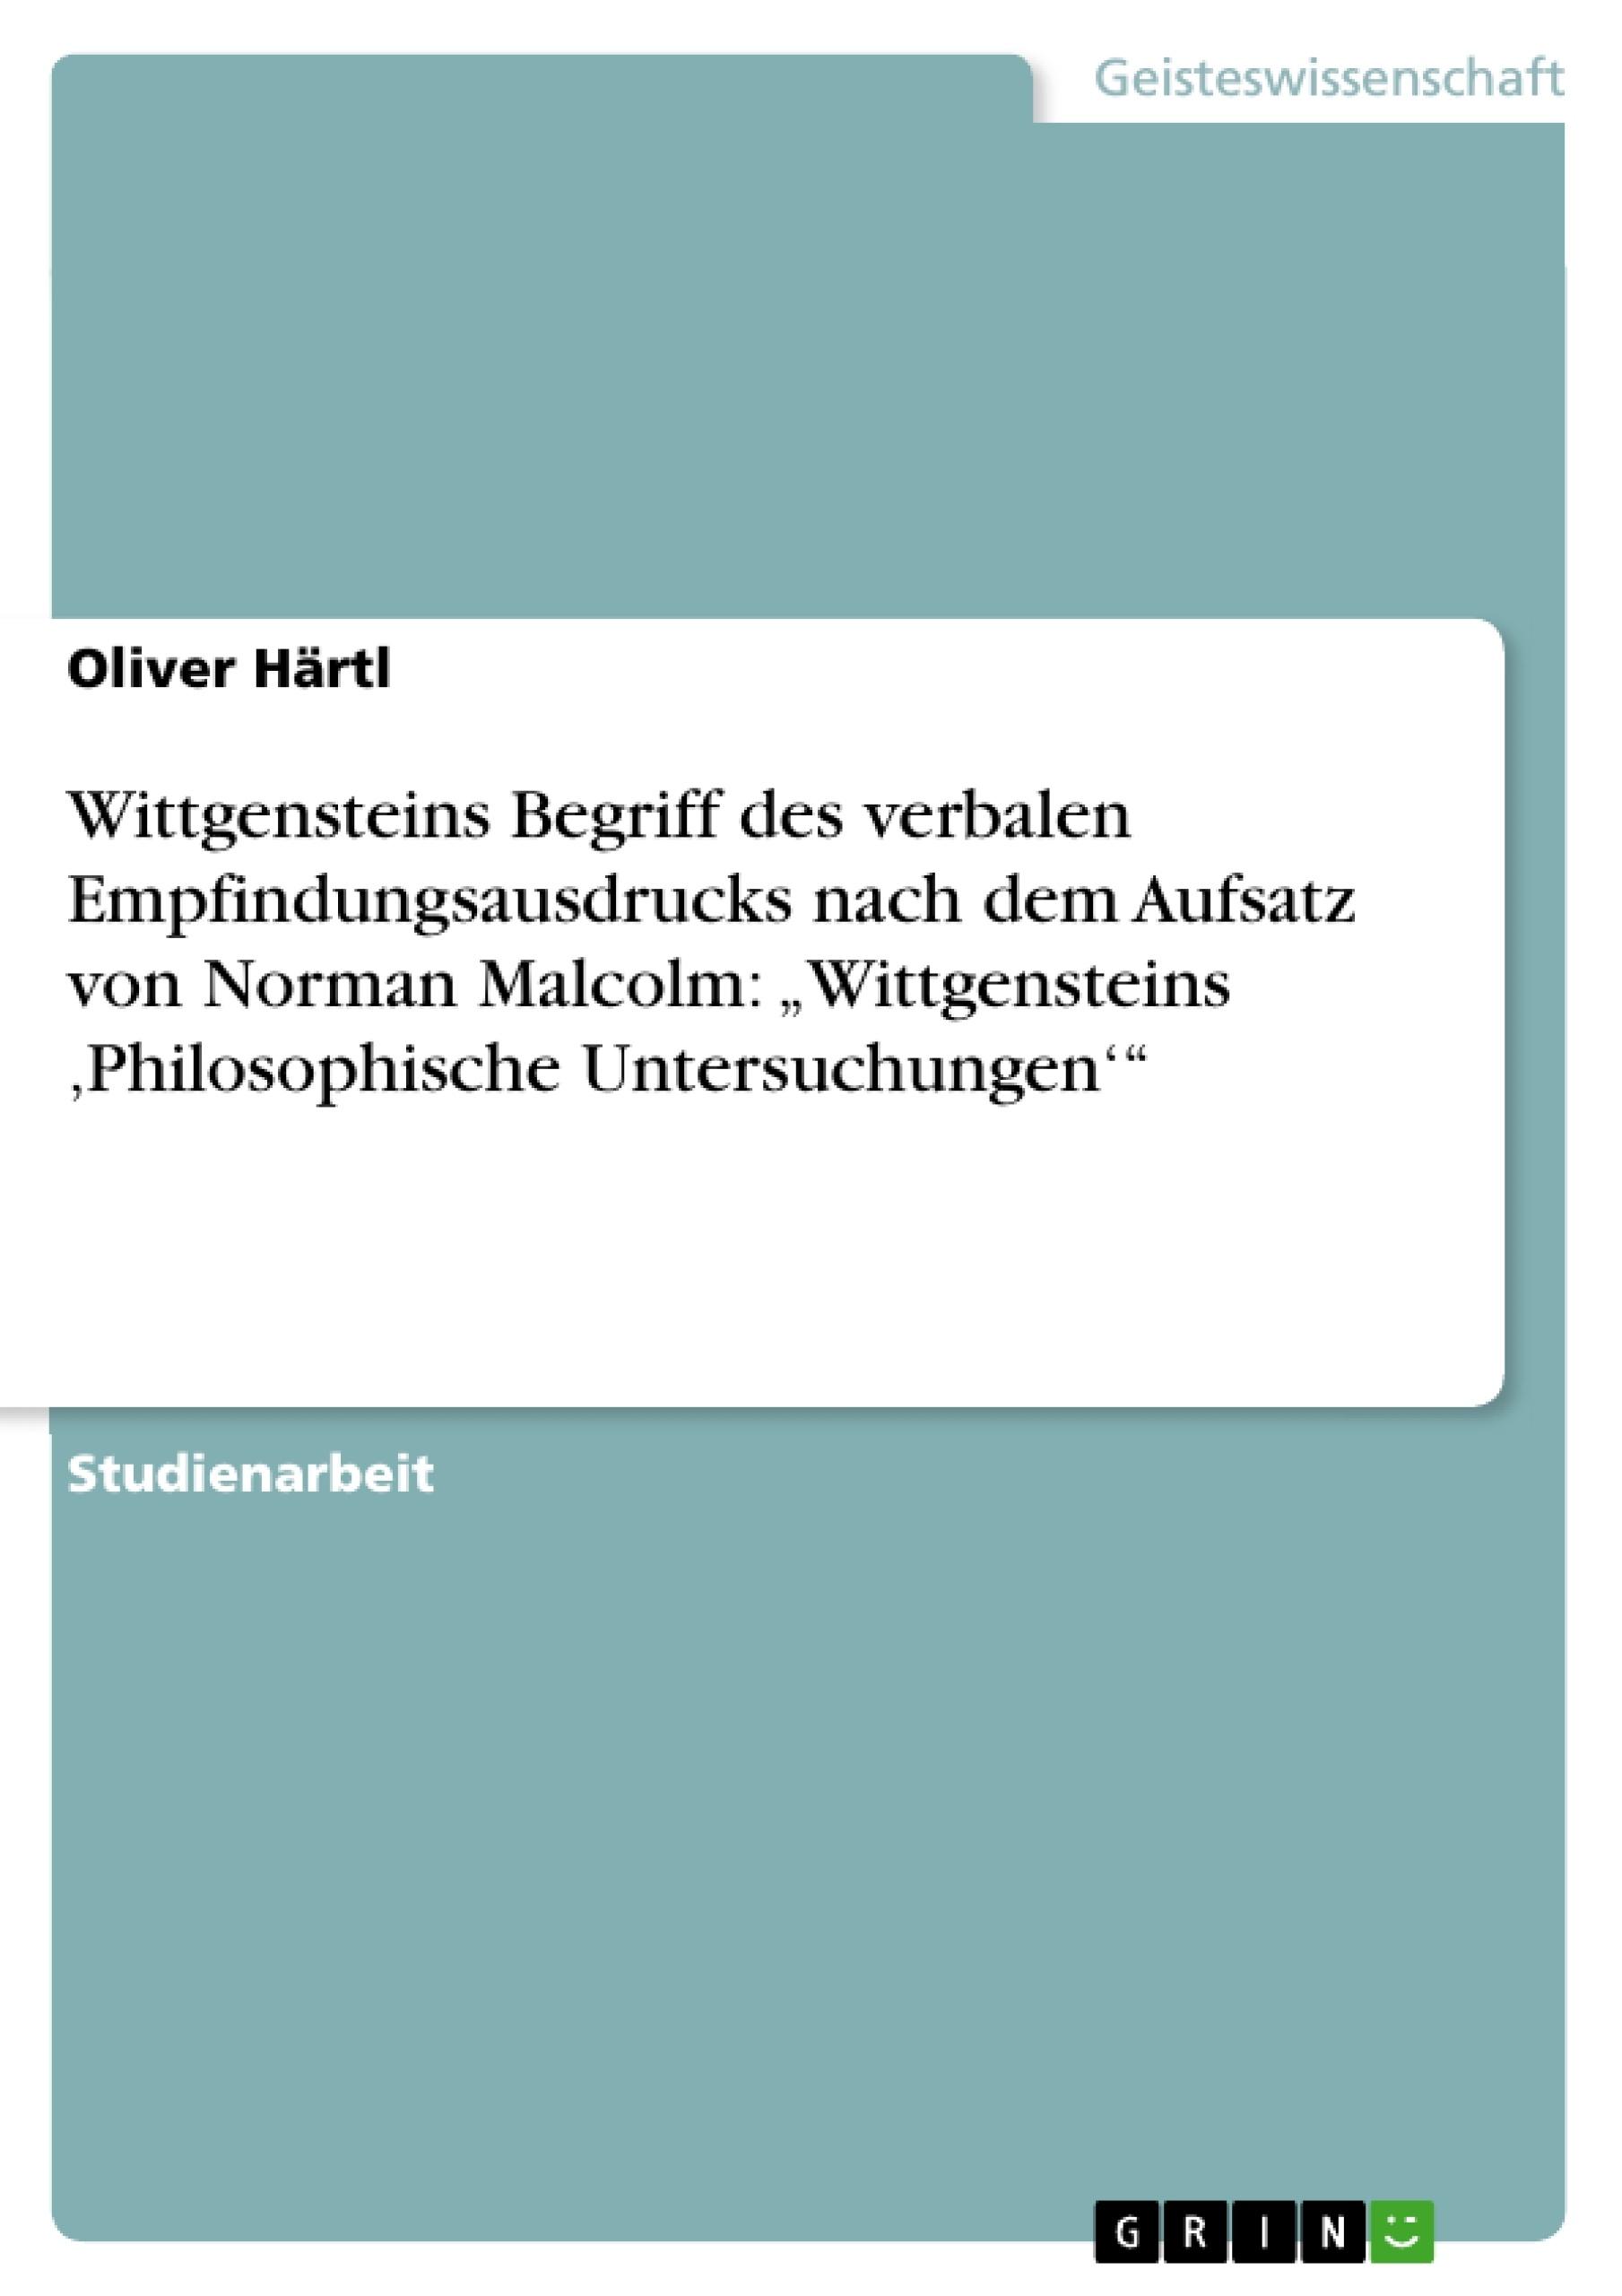 """Titel: Wittgensteins Begriff des verbalen Empfindungsausdrucks nach dem Aufsatz von Norman Malcolm: """"Wittgensteins 'Philosophische Untersuchungen'"""""""